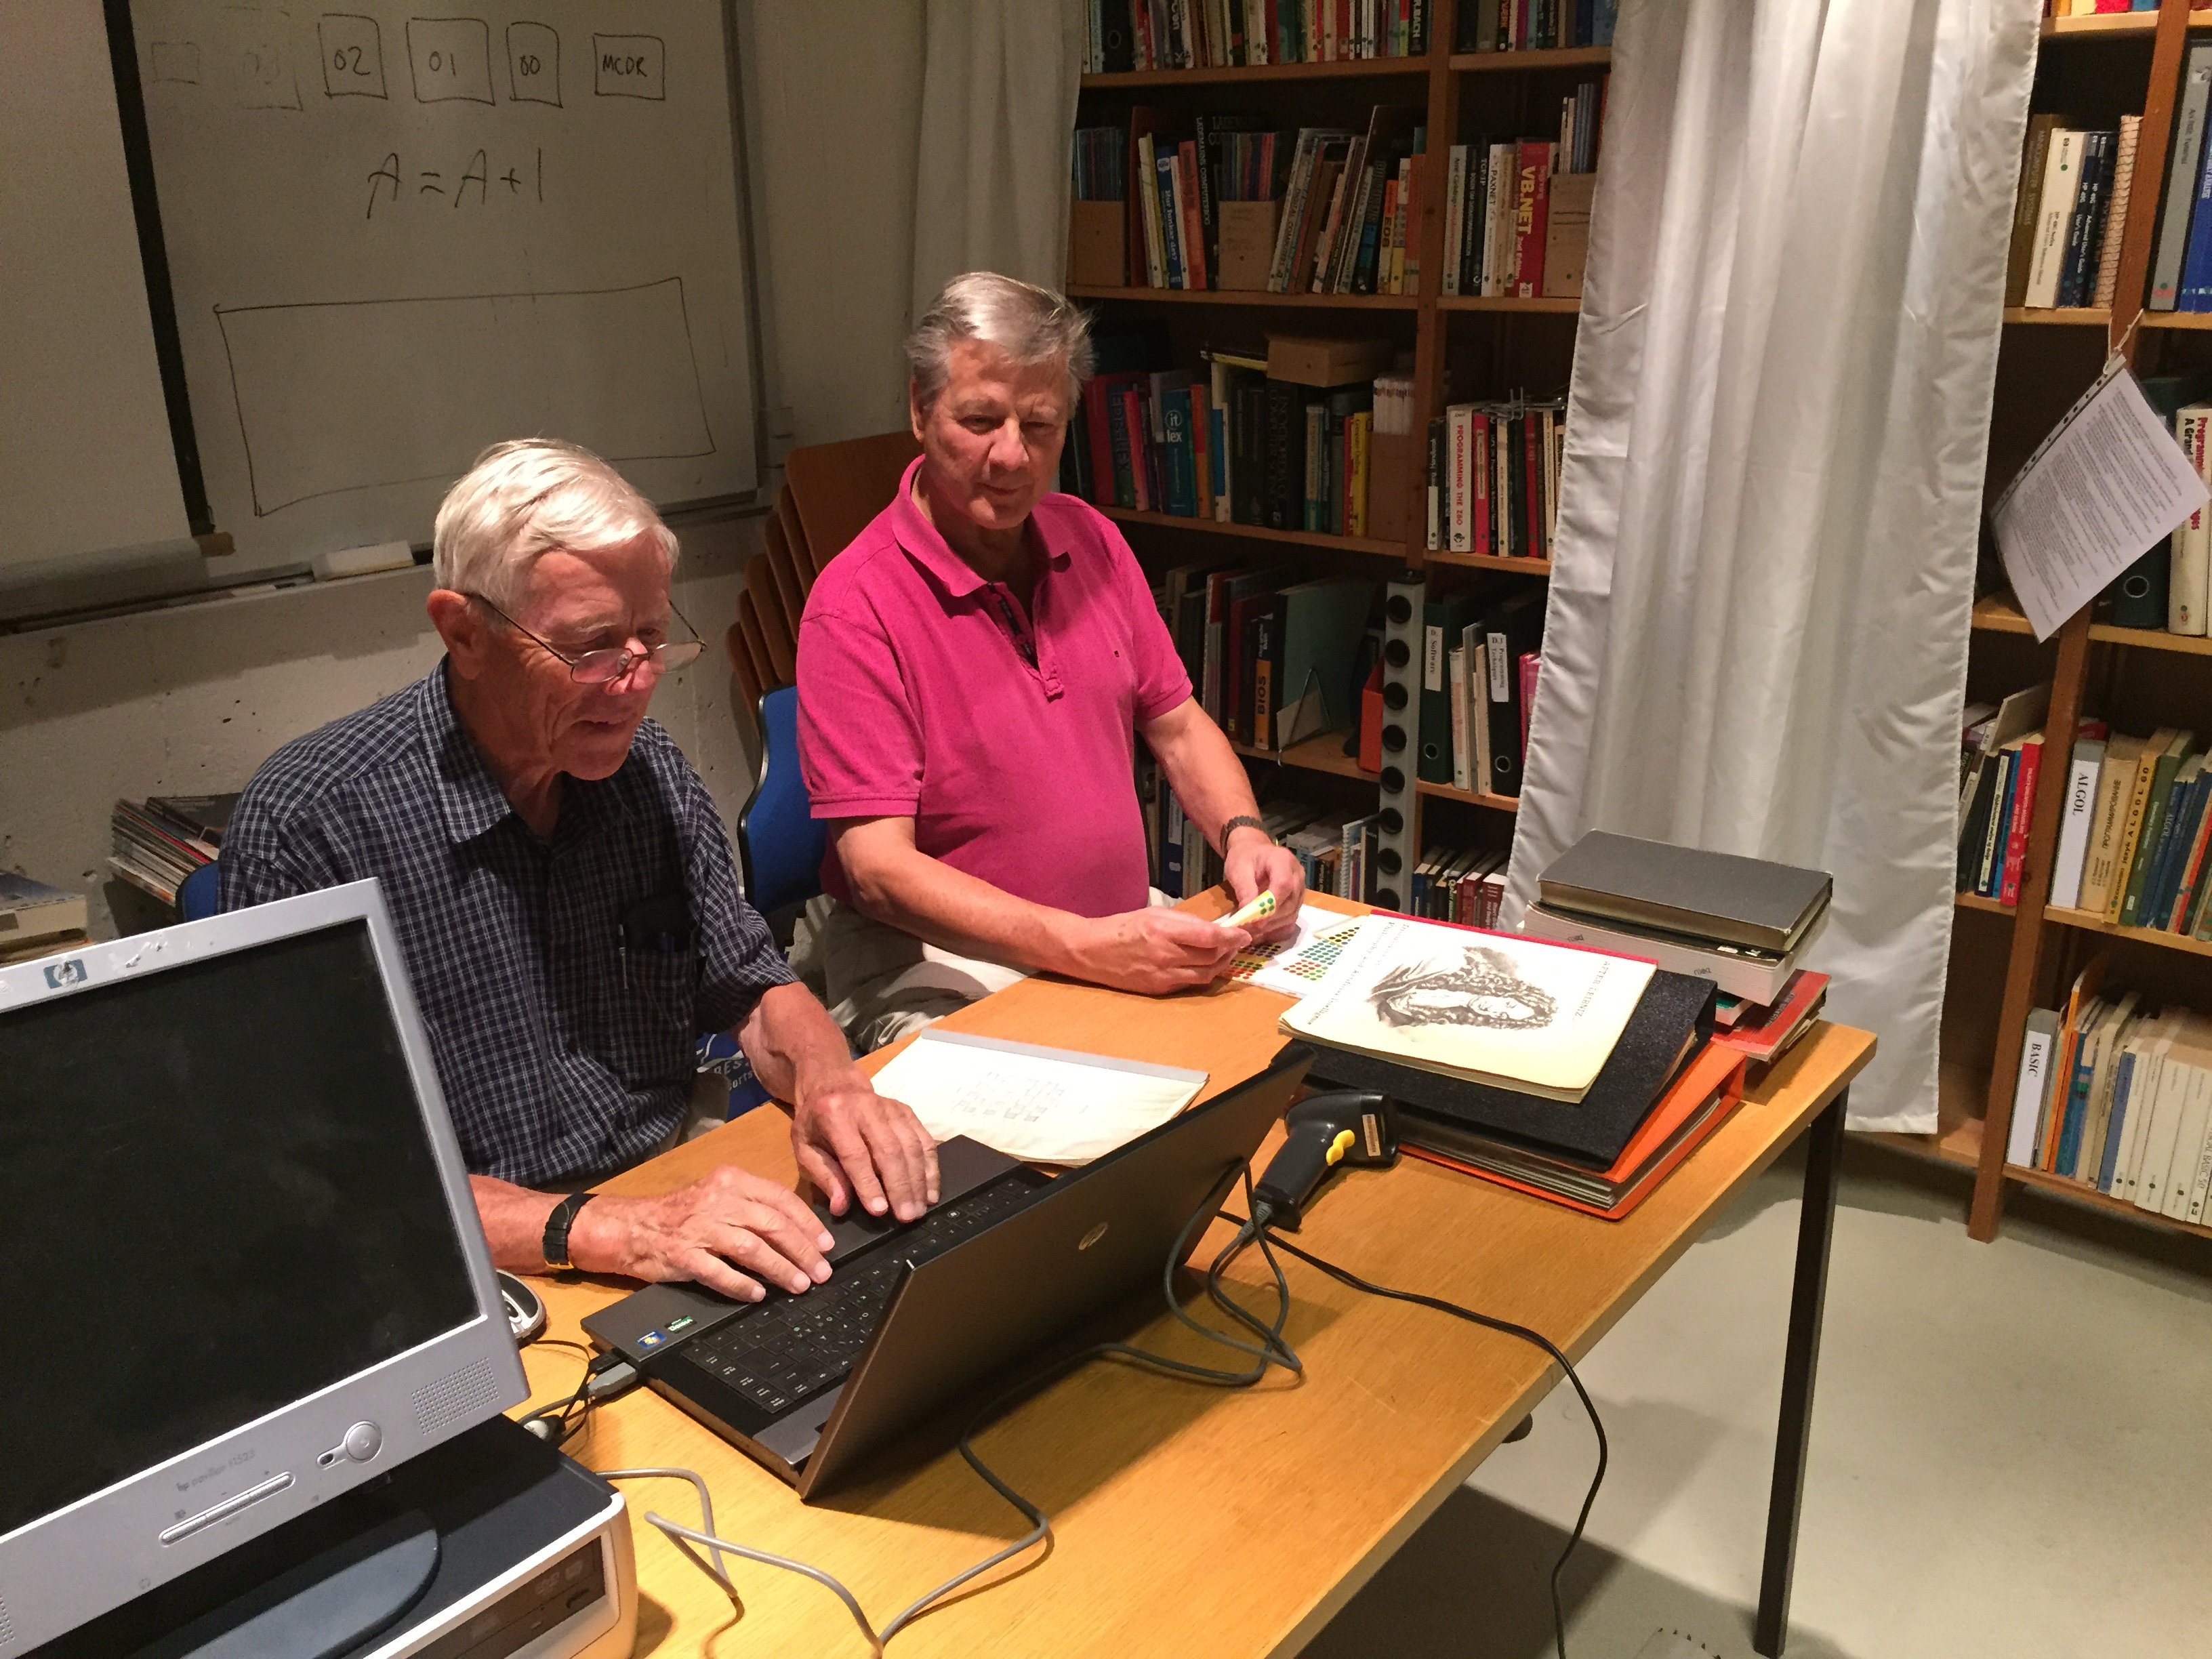 Teamwork ved registrering af bøger.